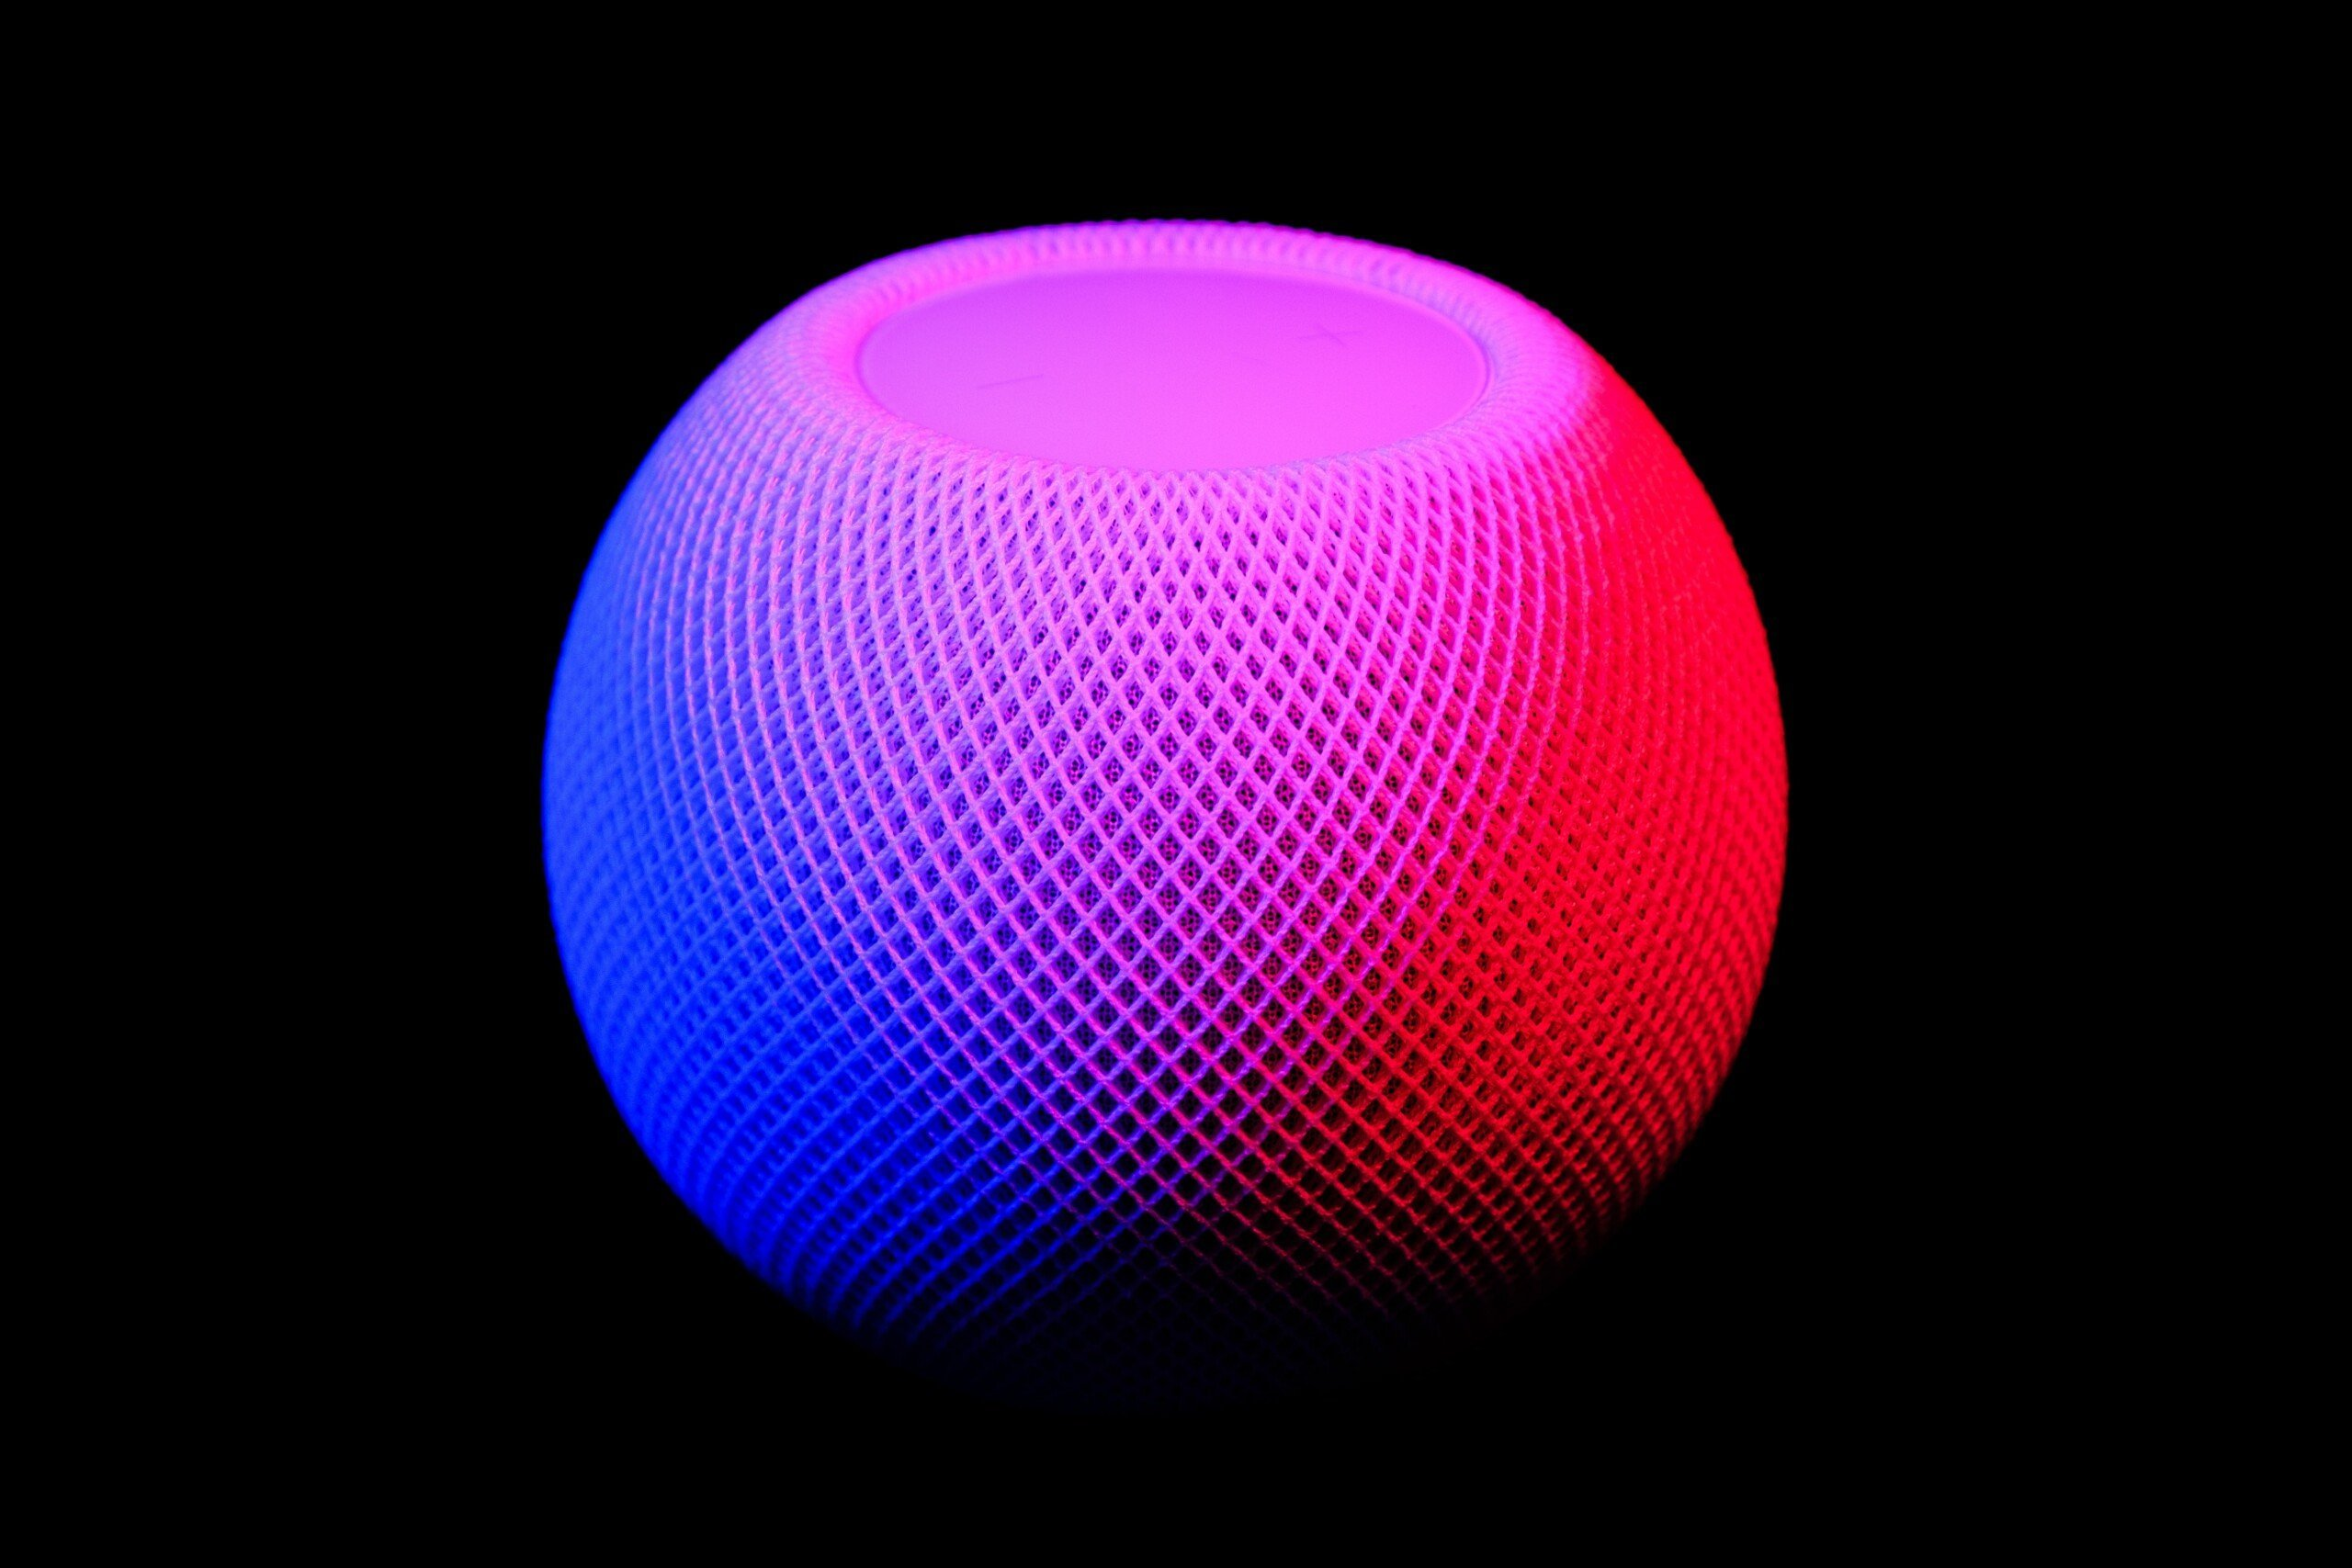 Le HomePod Mini d'Apple devient moins cher grâce à ce code promo